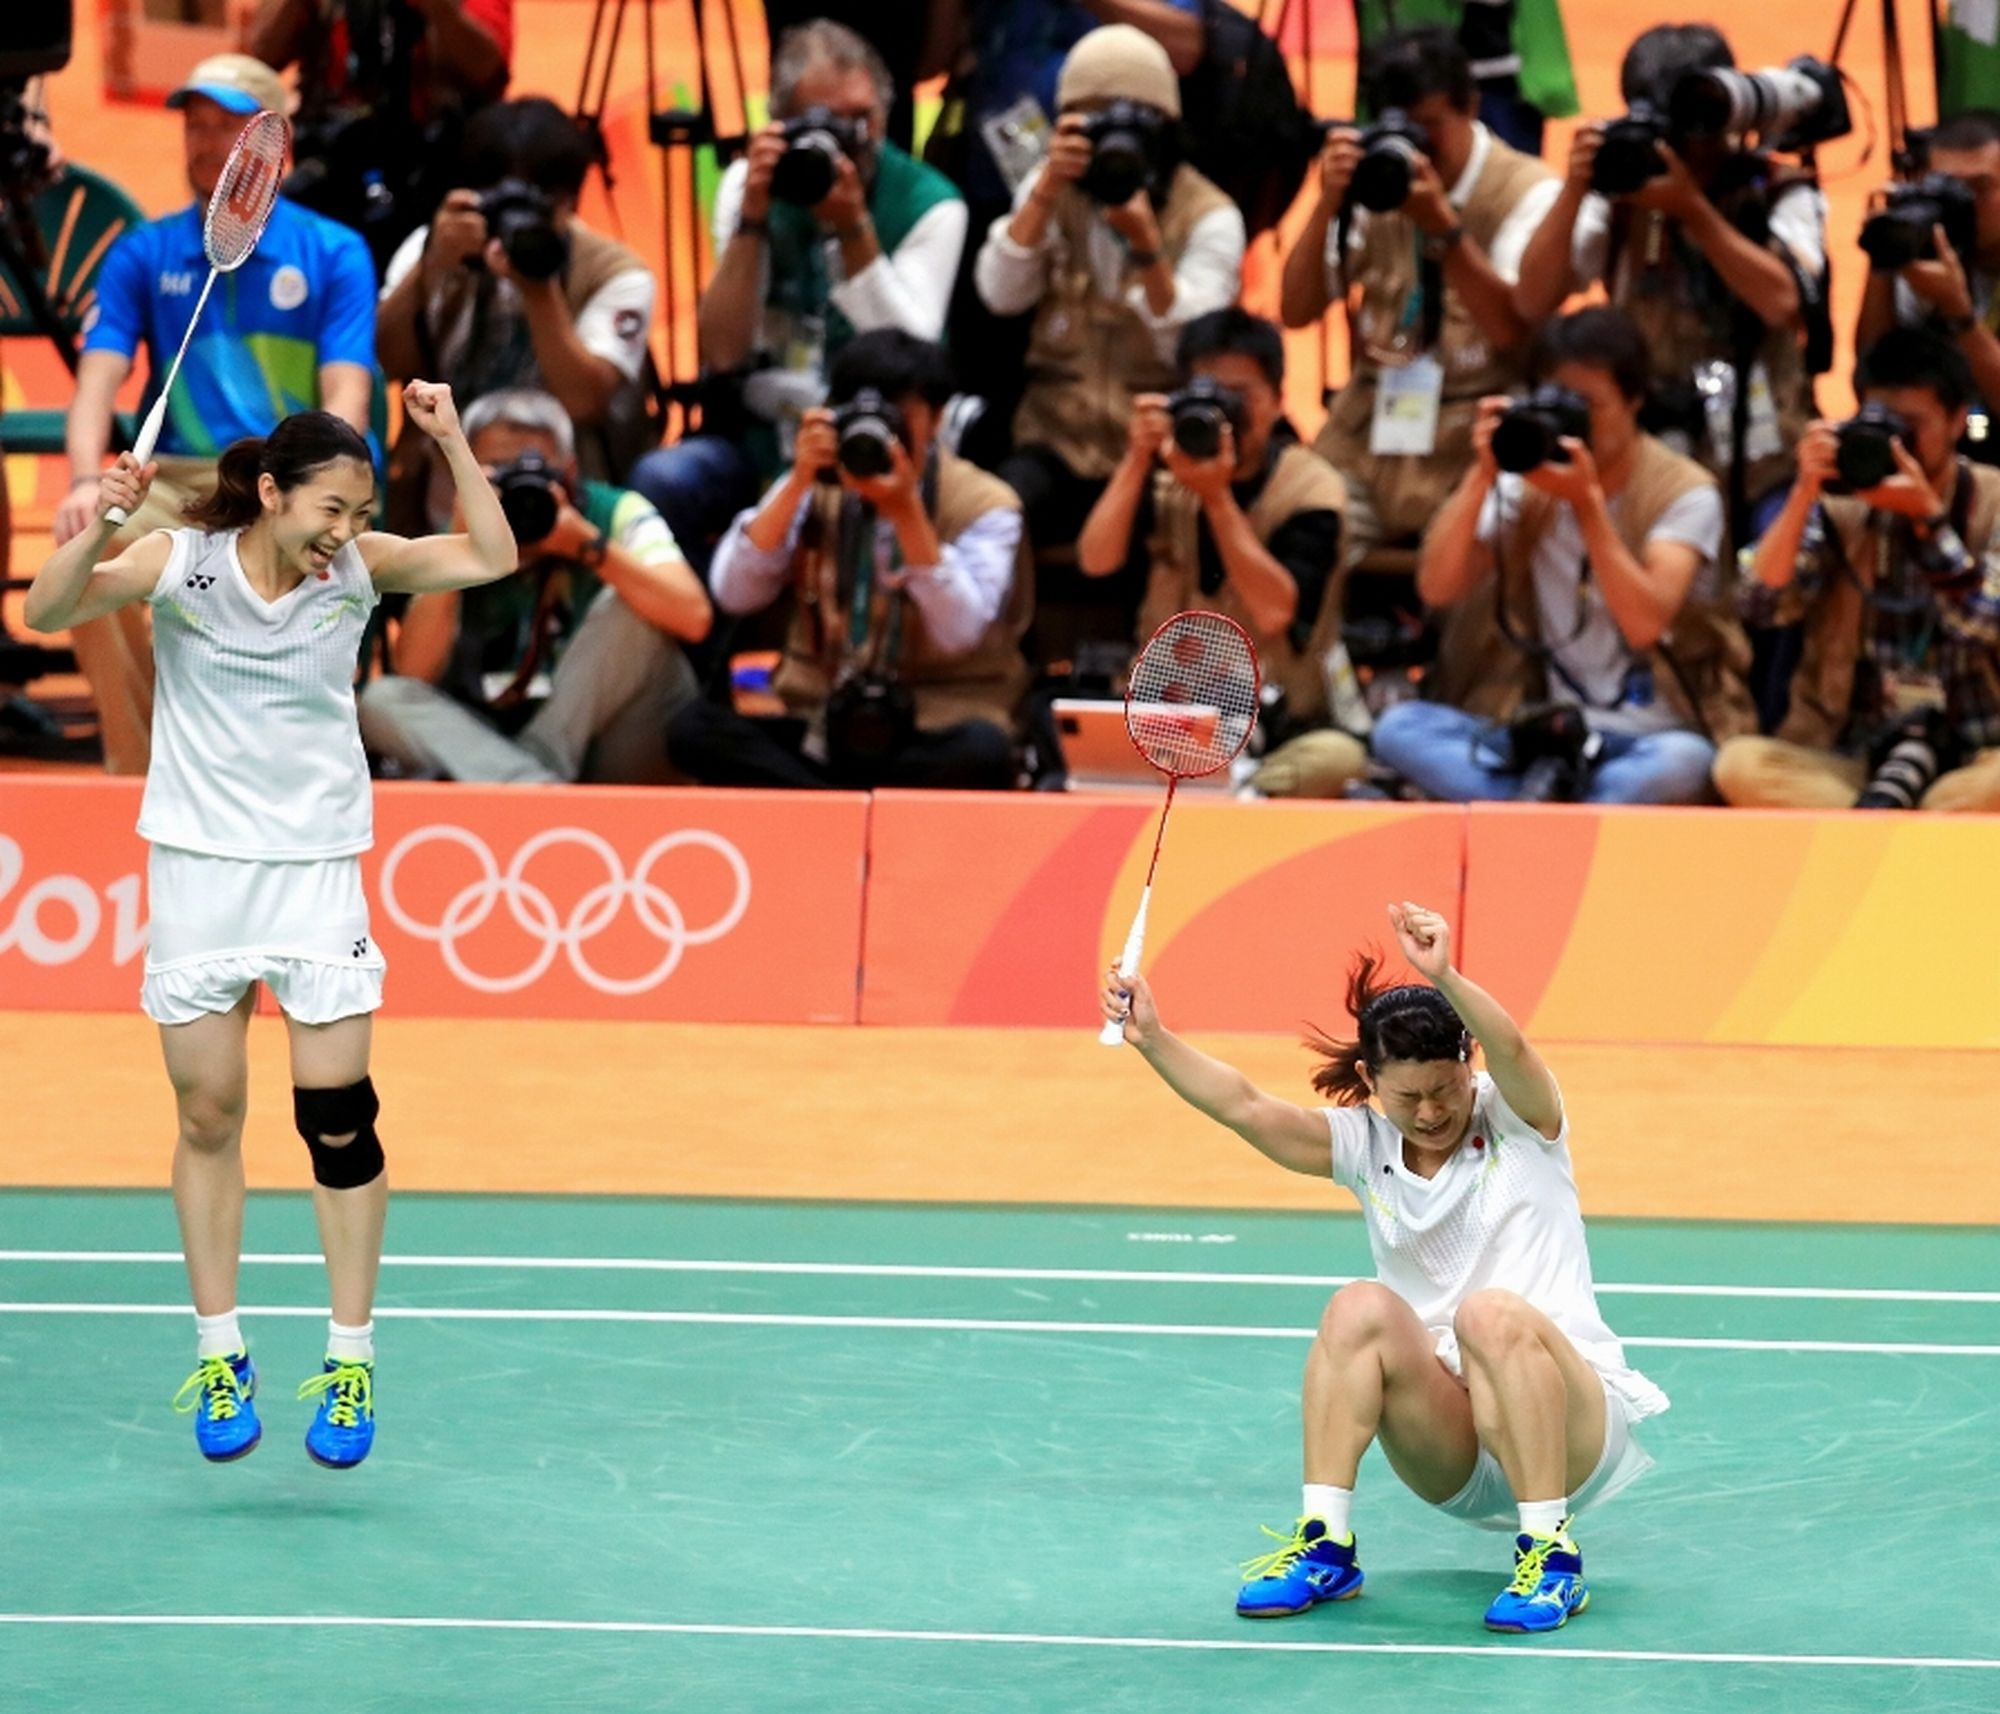 女子ダブルスで優勝し、喜ぶ高橋礼華(右)、松友美佐紀組=長島一浩撮影